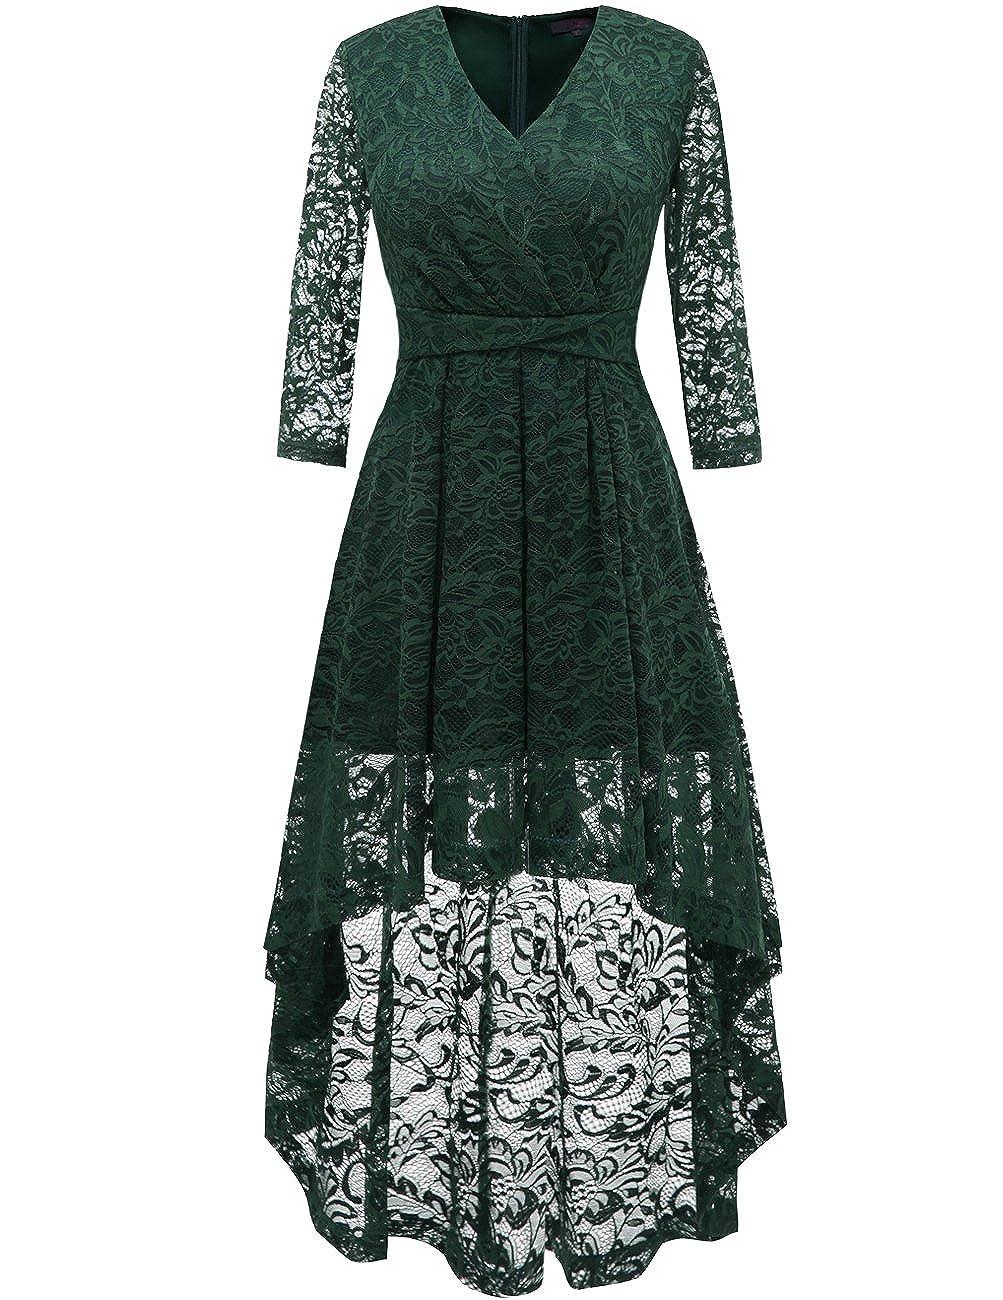 Dresstells Damen elegant Hi-Lo Cocktailkleid Unregelmässig Spitzenkleid Vokuhila Kleid mit V-Ausschnitt Festlich Party Ballkleid DTC10052P